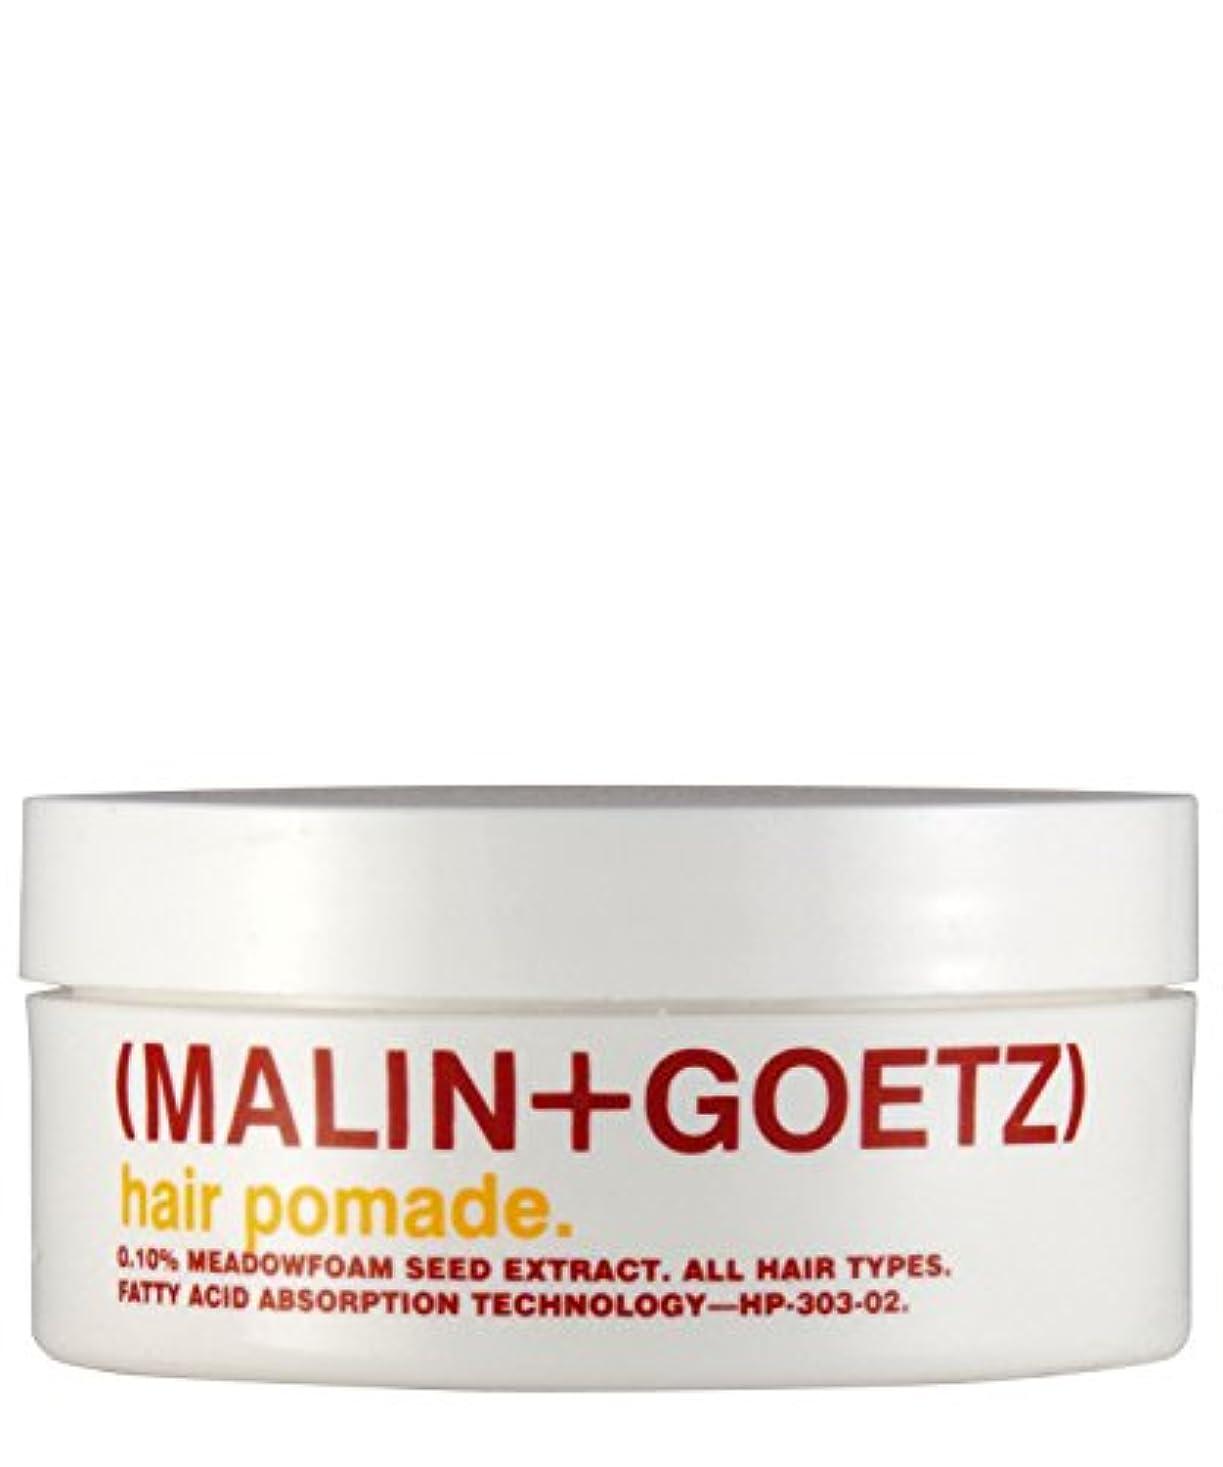 作りドメイン教育するMALIN+GOETZ Hair Pomade, Malin+Goetz - マリン+ゲッツヘアポマード、マリン+ゲッツ [並行輸入品]